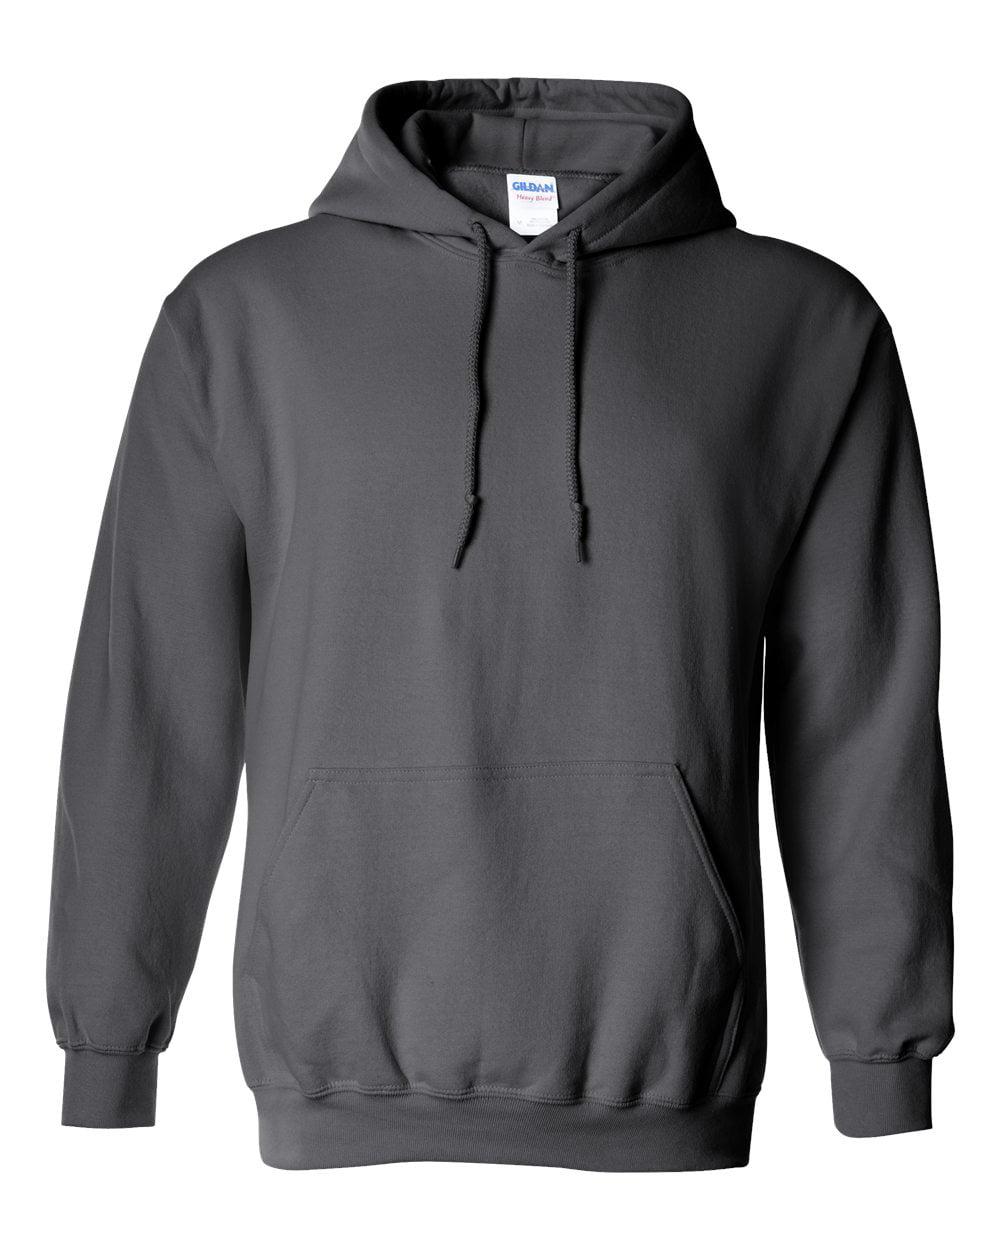 men /& woman art design sweatshirt gray black colors horse hoodie ZEBRAS Zebras Sweatshirt Cotton Unisex Hoodie with art print